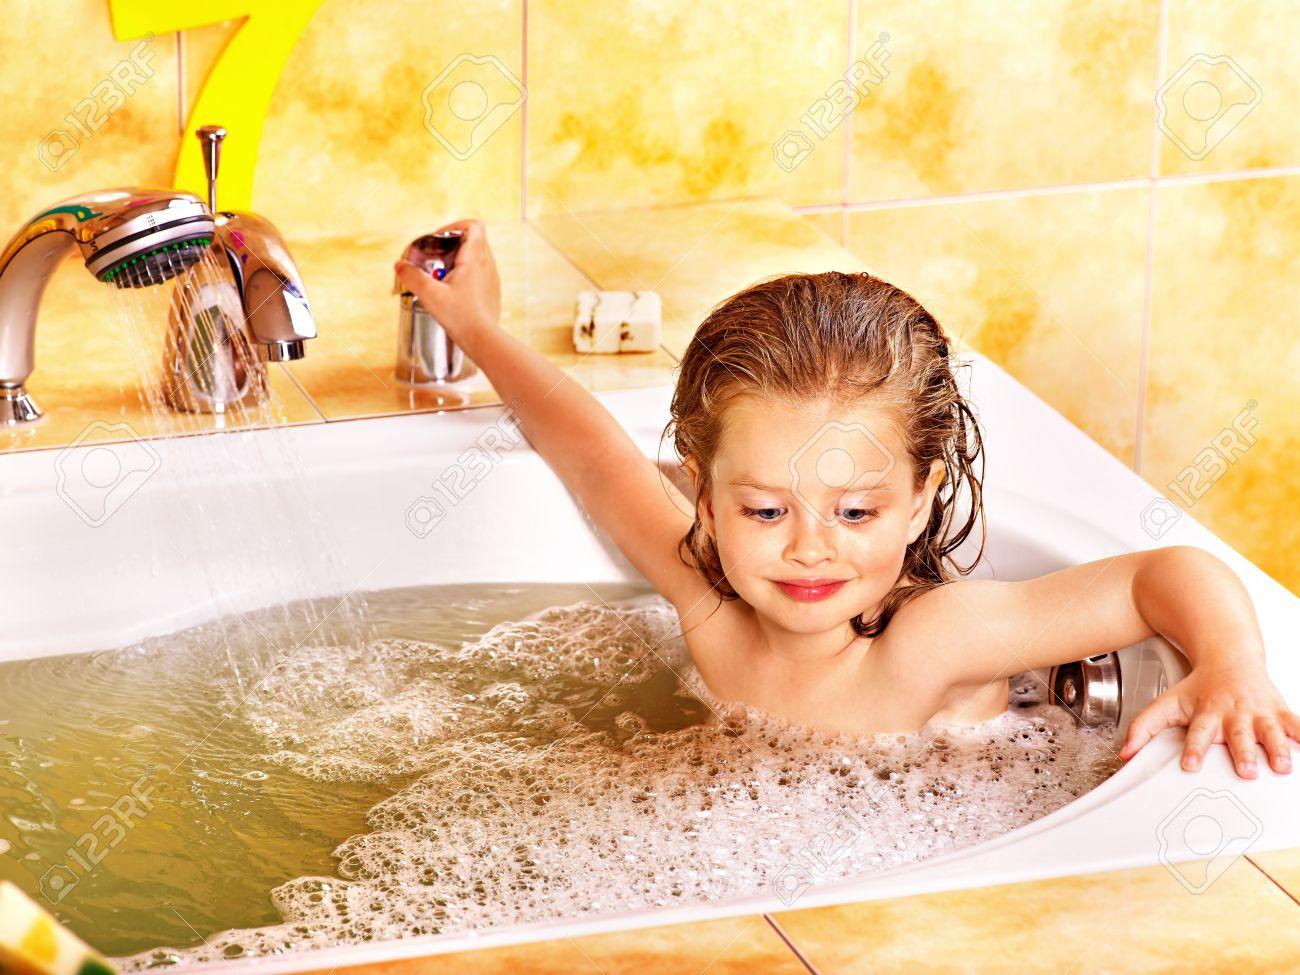 Смотреть бесплатно в онлайне как моются женщины, Эротика и порно, снятые в бане или в сауне смотреть 17 фотография